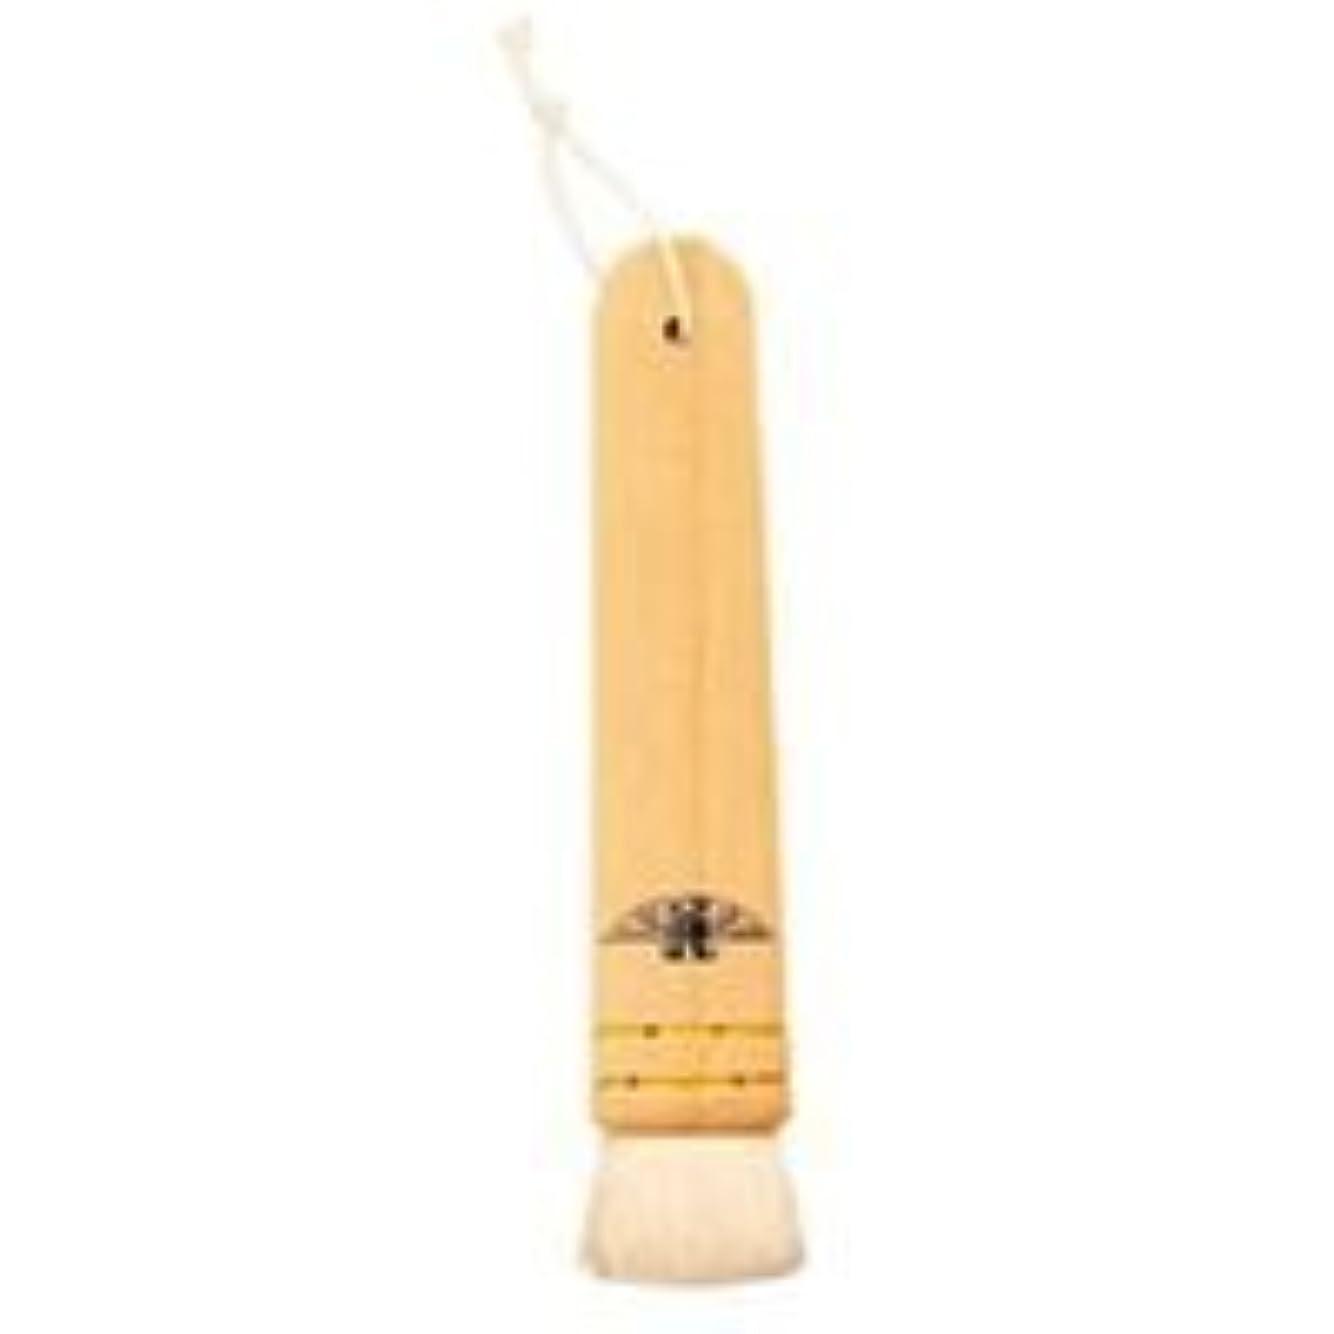 三善 長柄板刷毛 メイクブラシ 木製 24mm(山羊毛)#